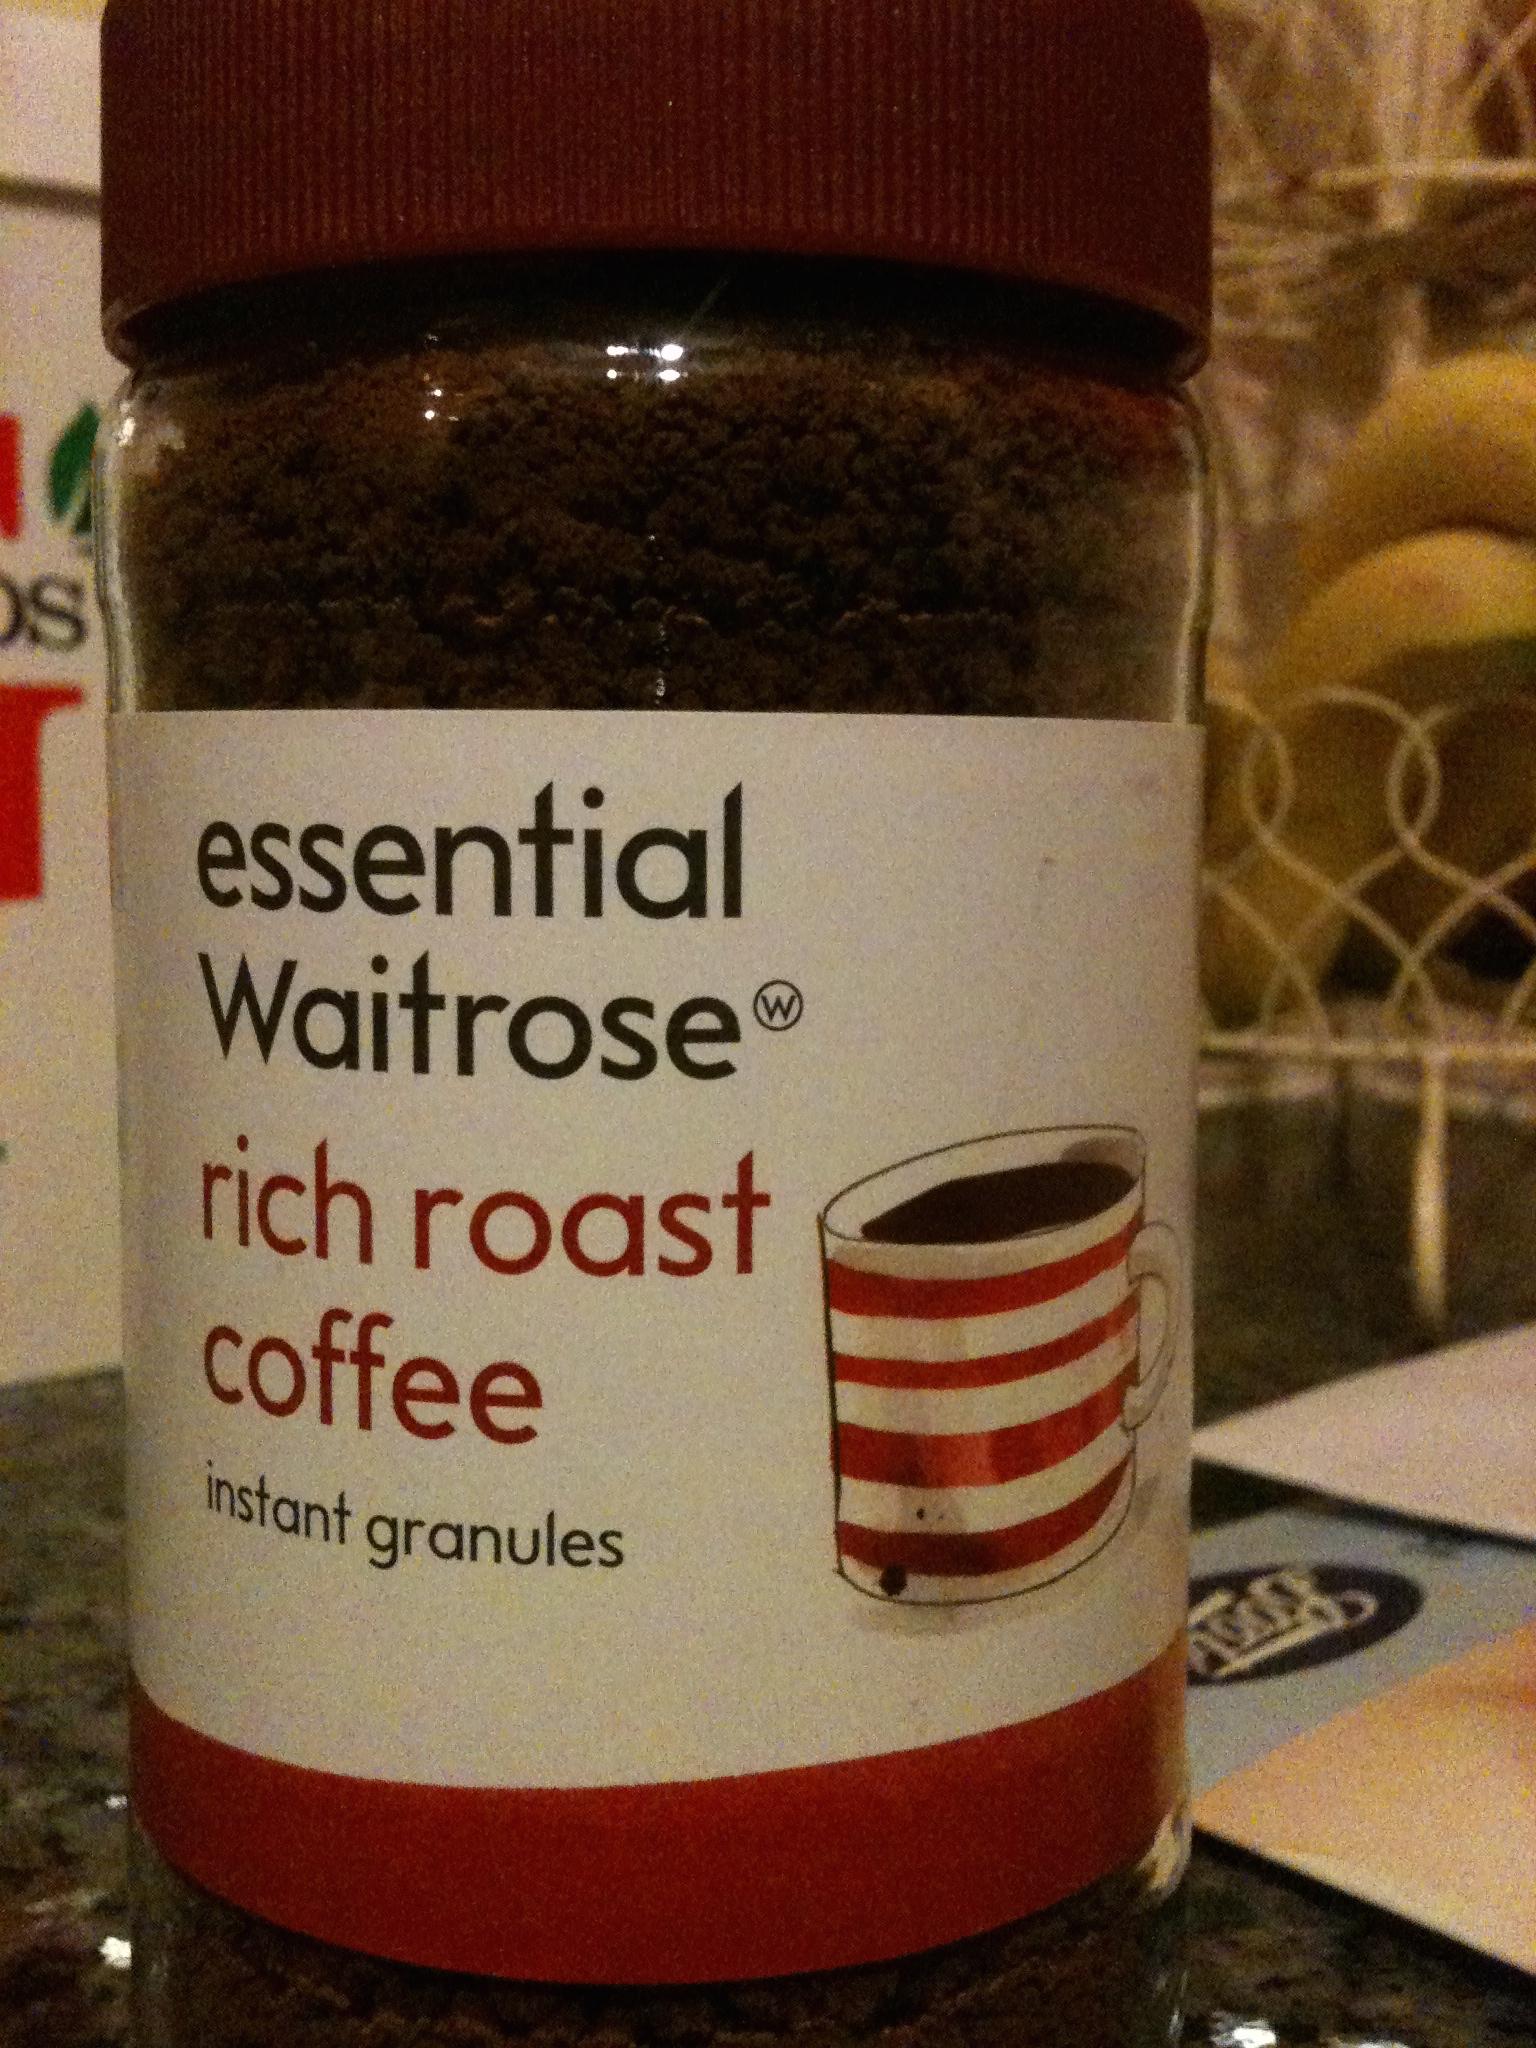 Waitrose Tea Ukmade Uk Made Products British Made